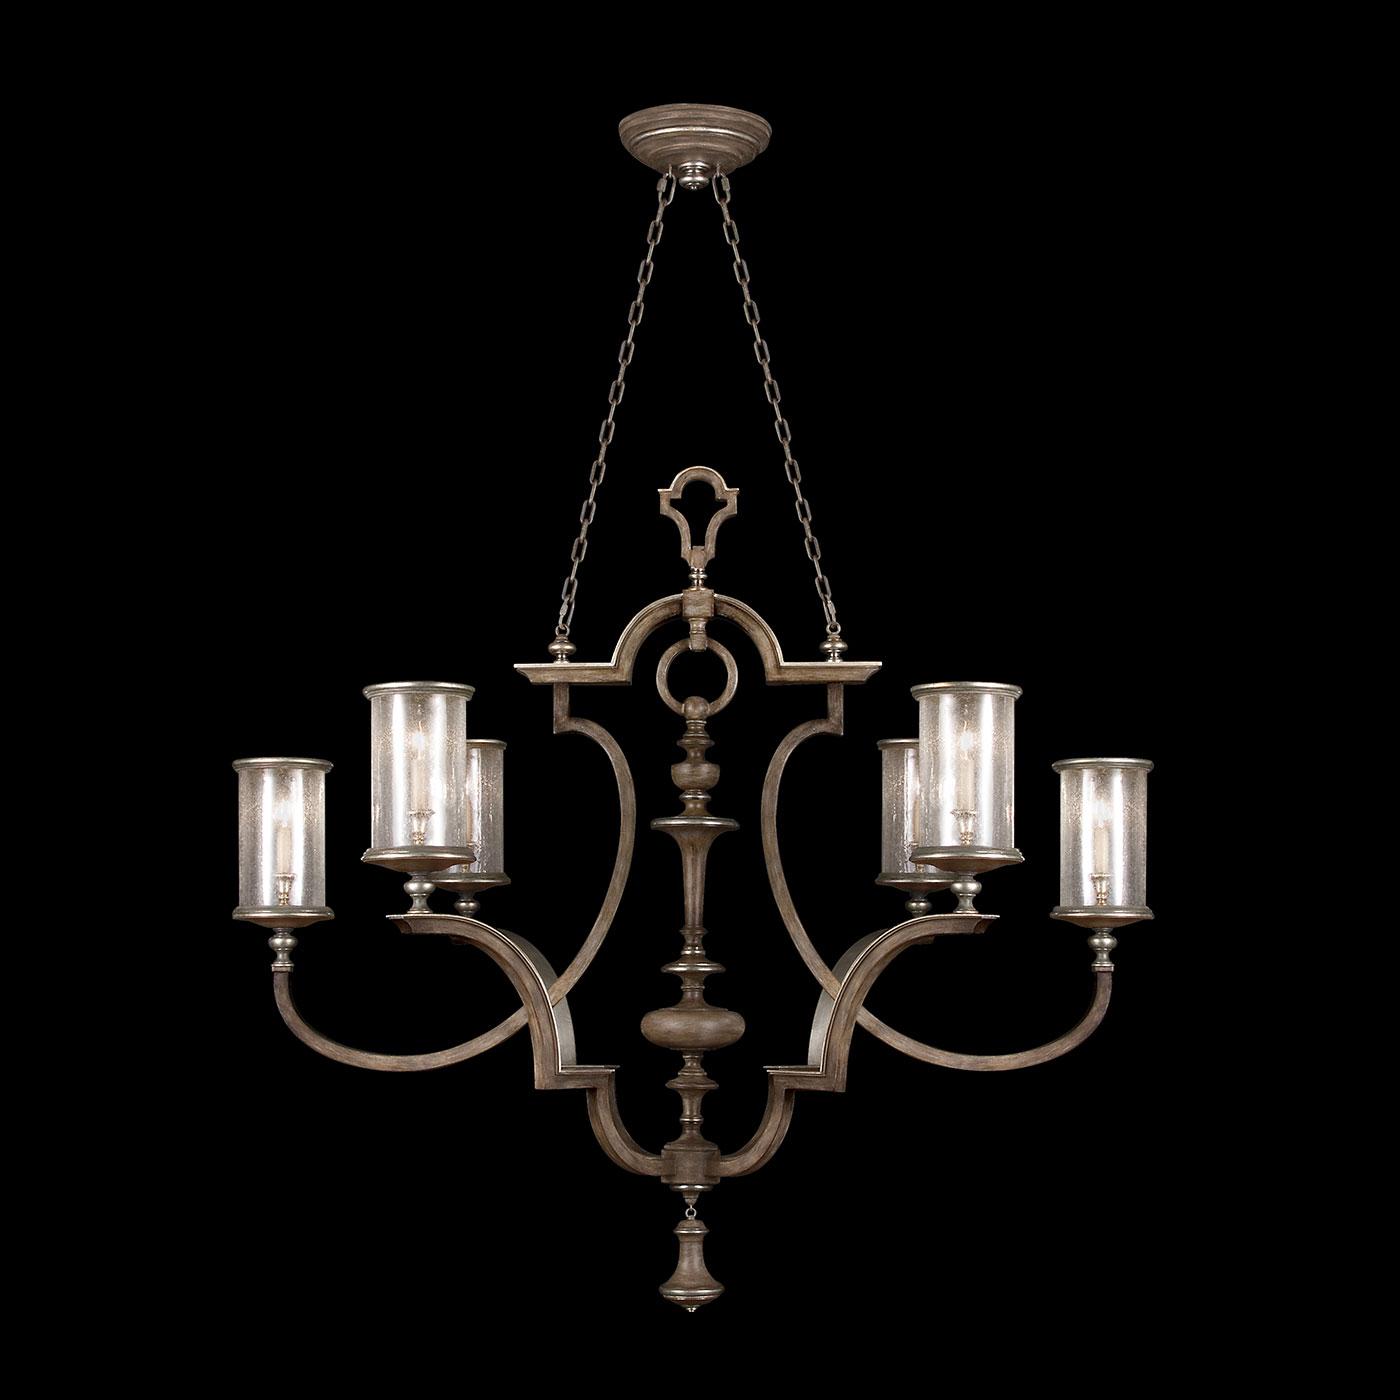 VILLA VISTA - FINE ART HANDCRAFTED LIGHTING